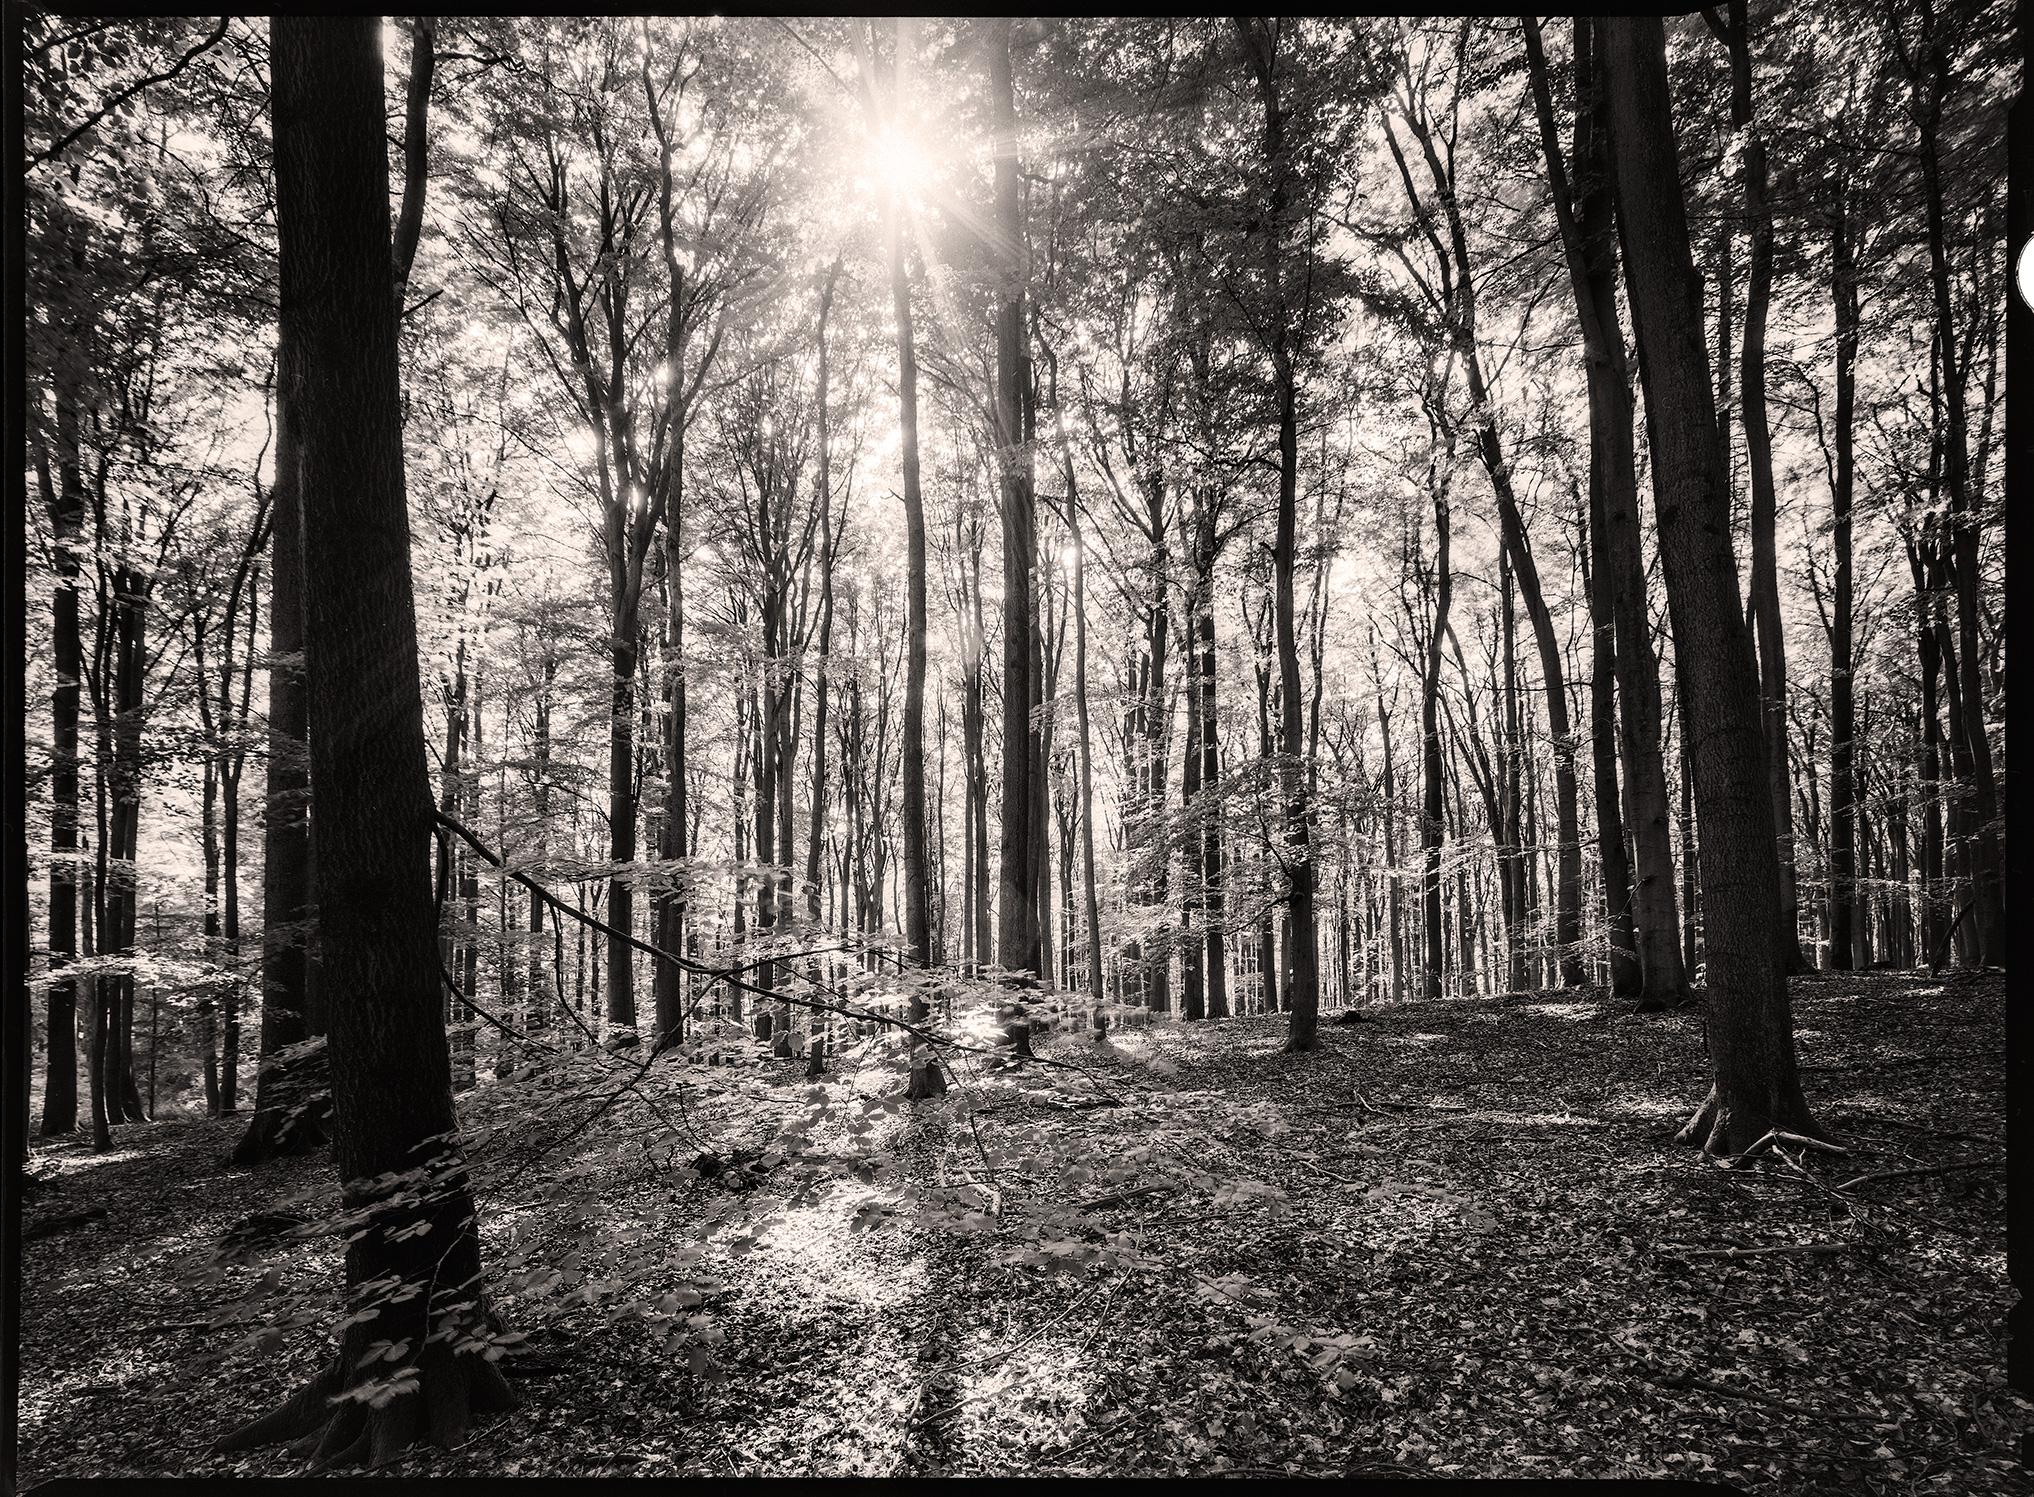 Wald in der Hahnheide, Gegenlicht mit Sonnenstern